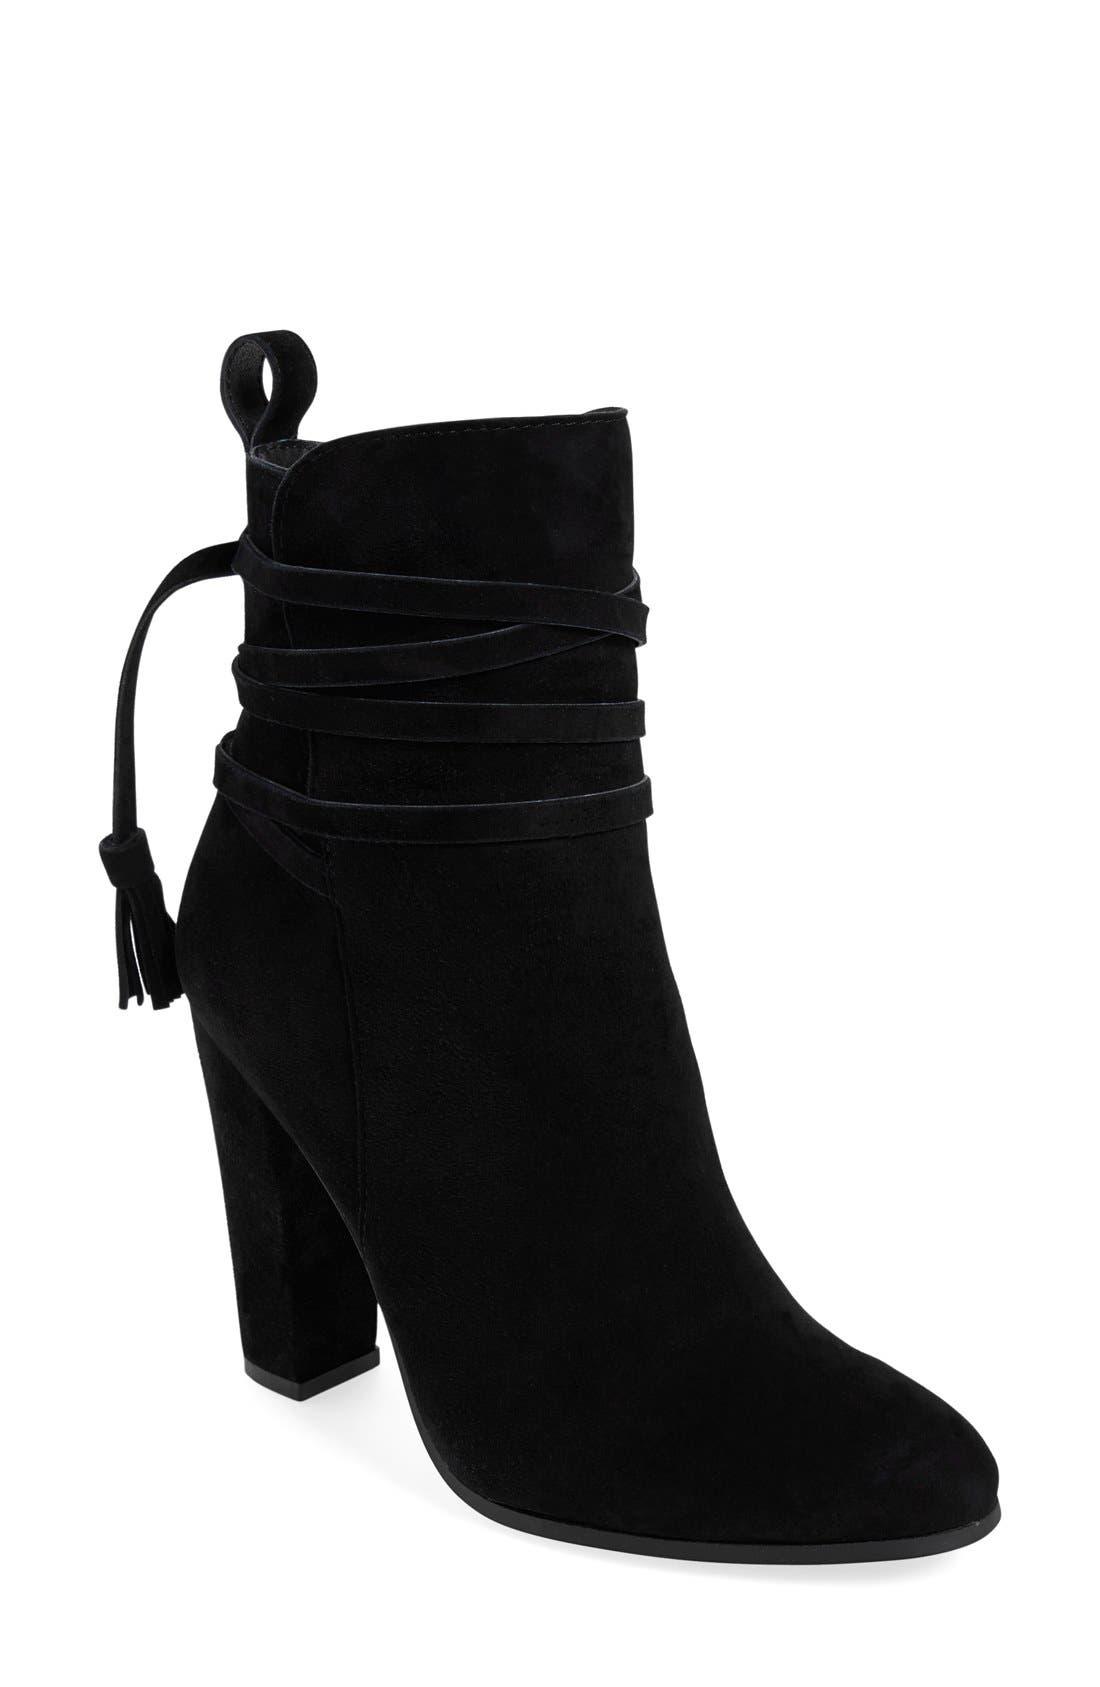 Alternate Image 1 Selected - Steve Madden 'Glorria' Block Heel Bootie (Women)